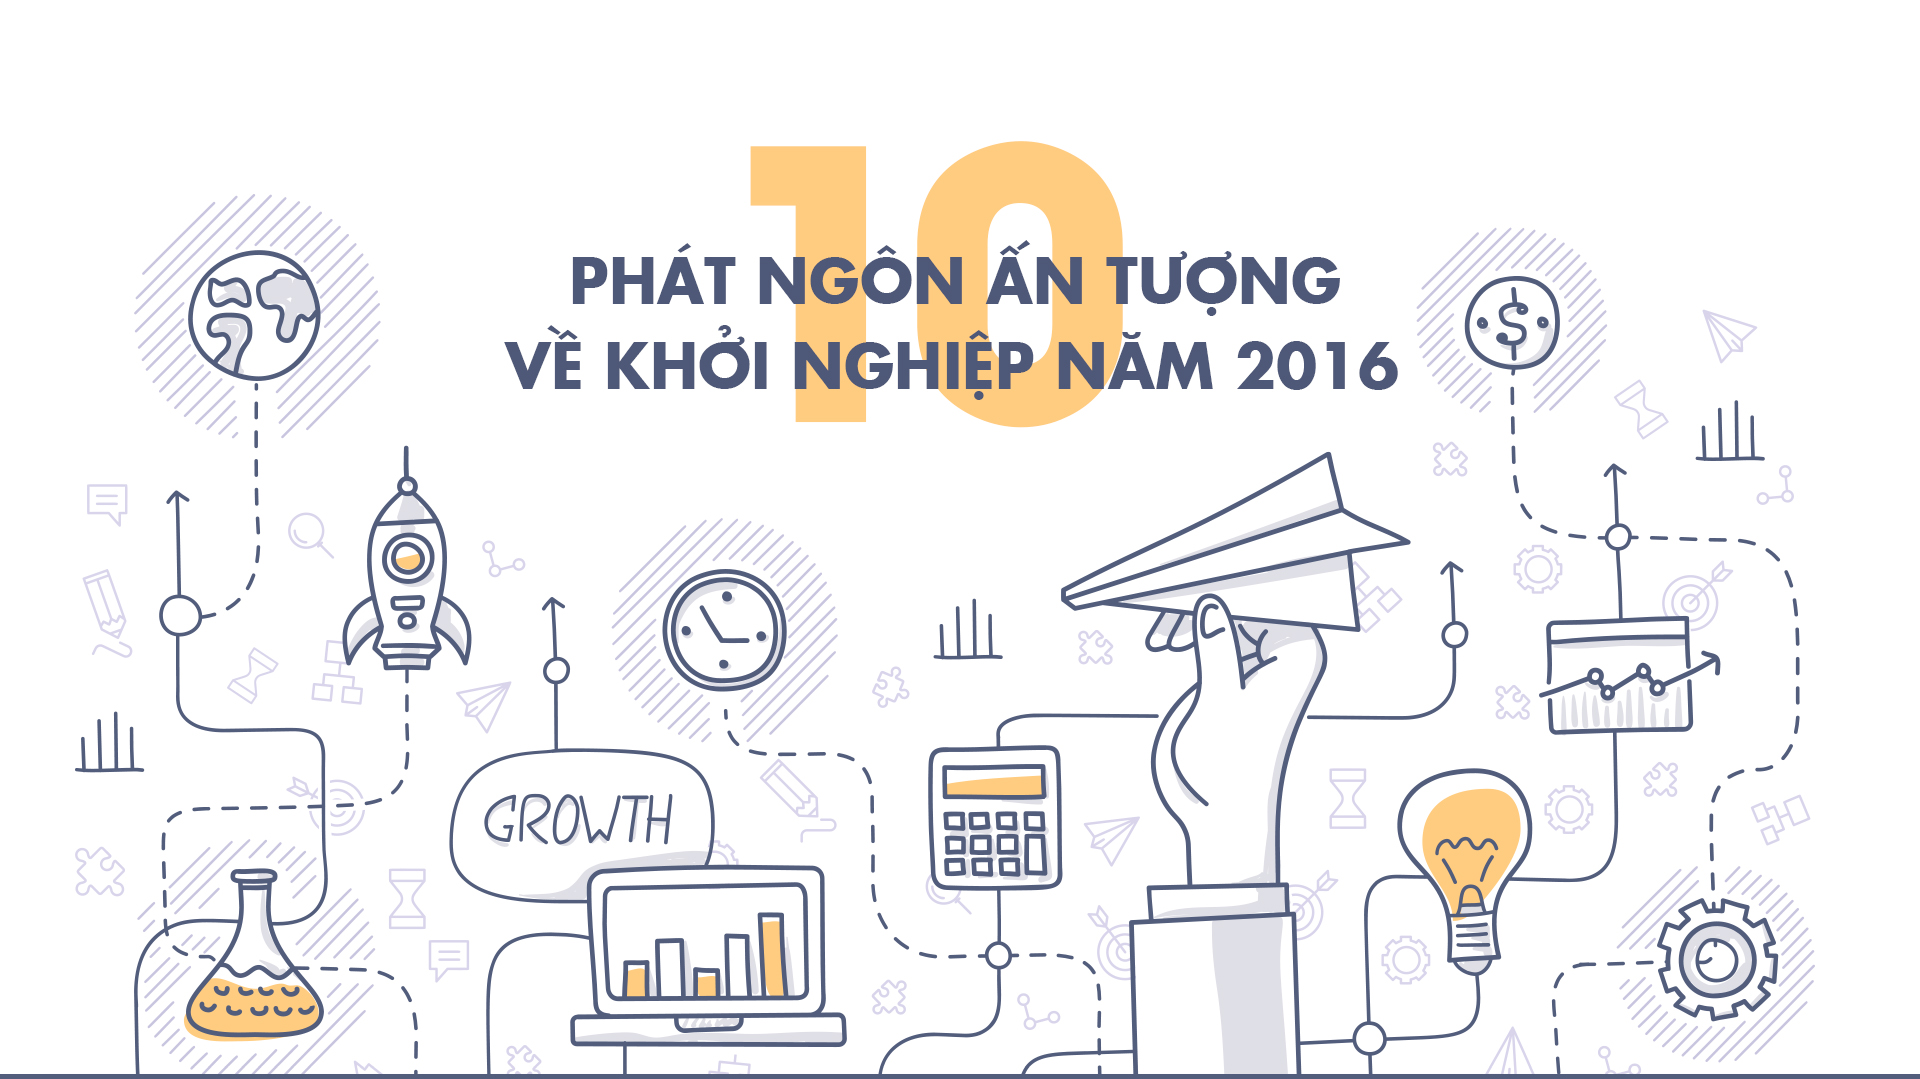 Việt Nam: 10 phát ngôn ấn tượng về khởi nghiệp năm 2016